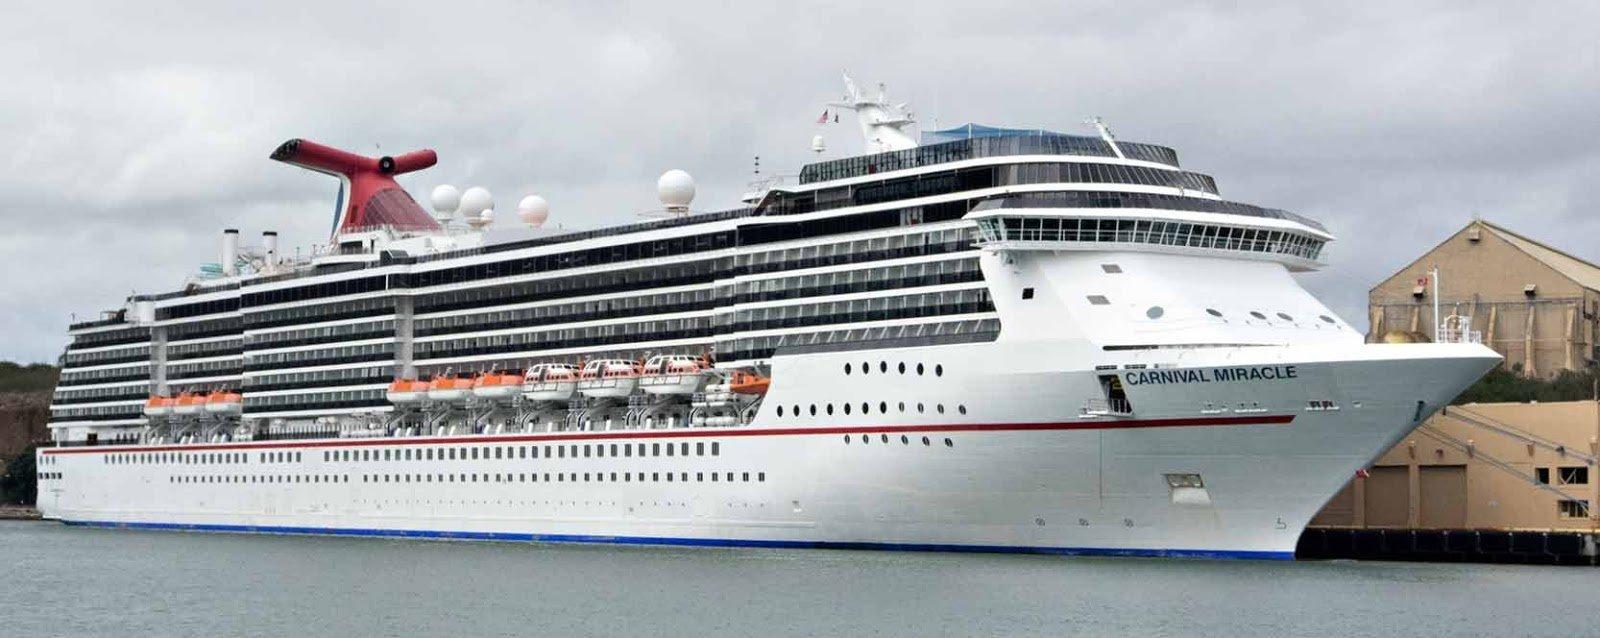 Pure mature alana cruise